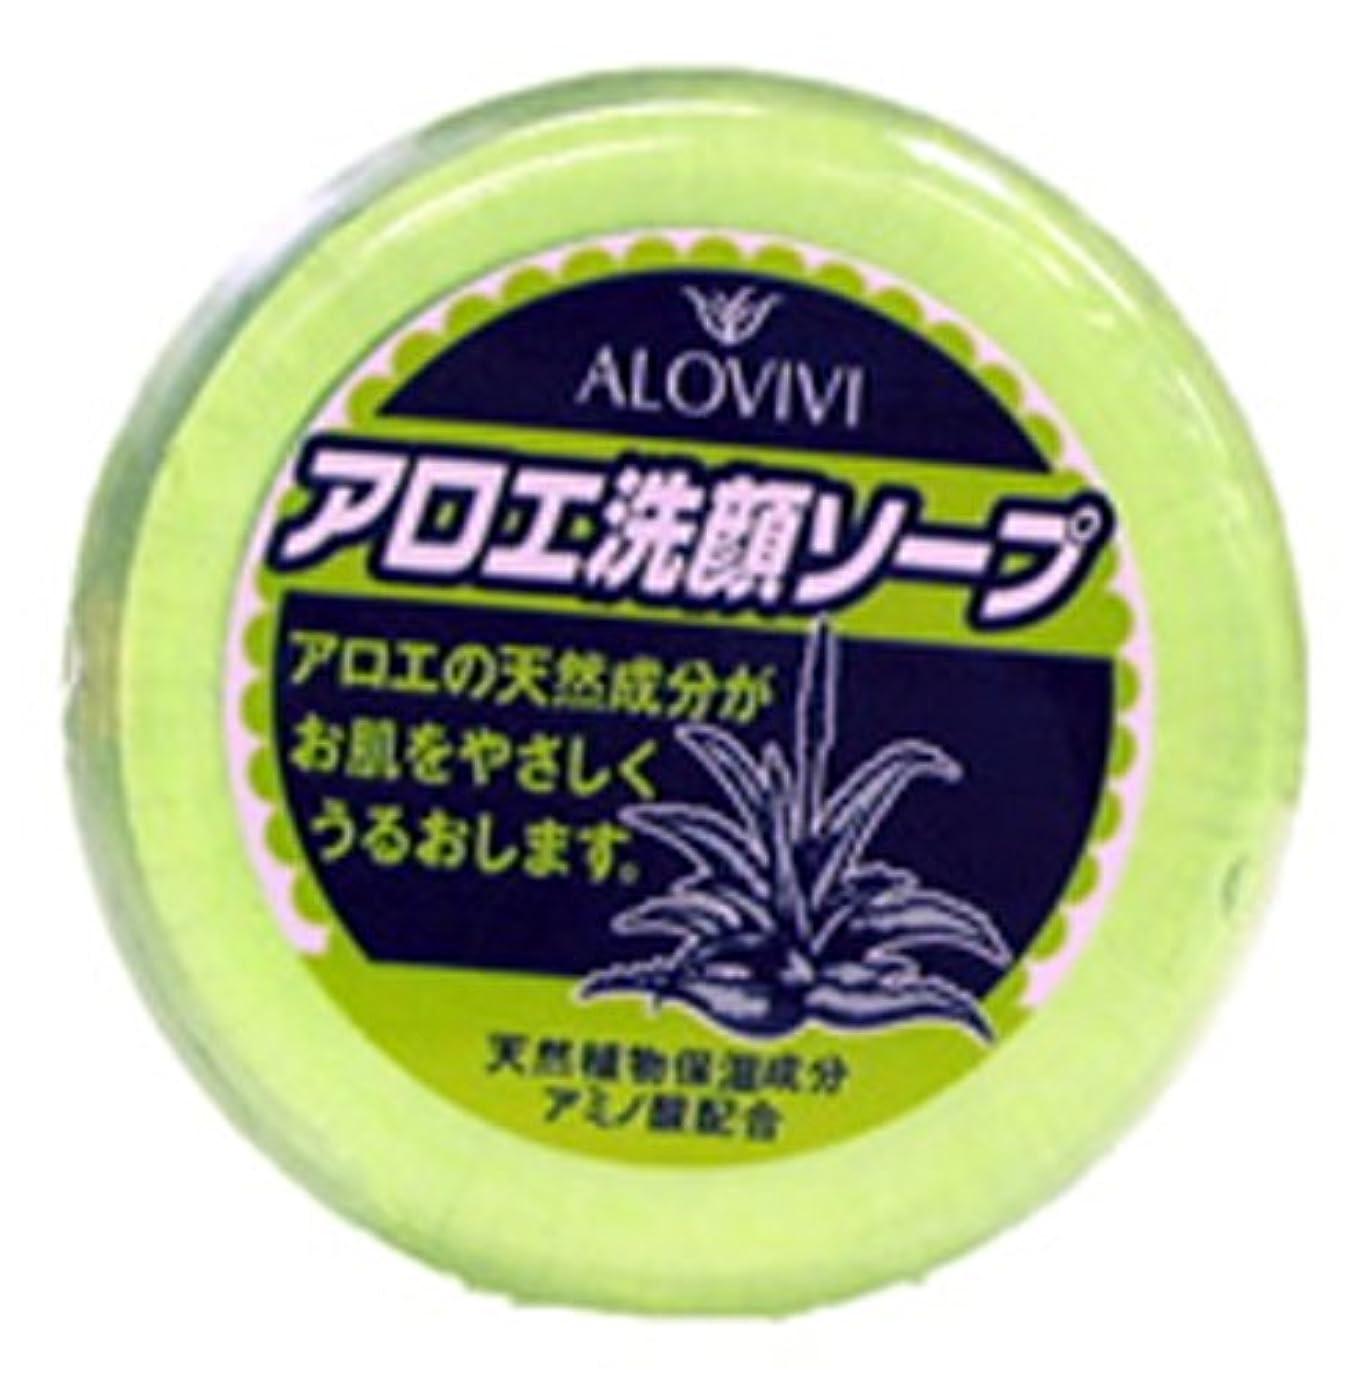 電気技師接続された極端なアロヴィヴィアロエ洗顔ソープ 100g